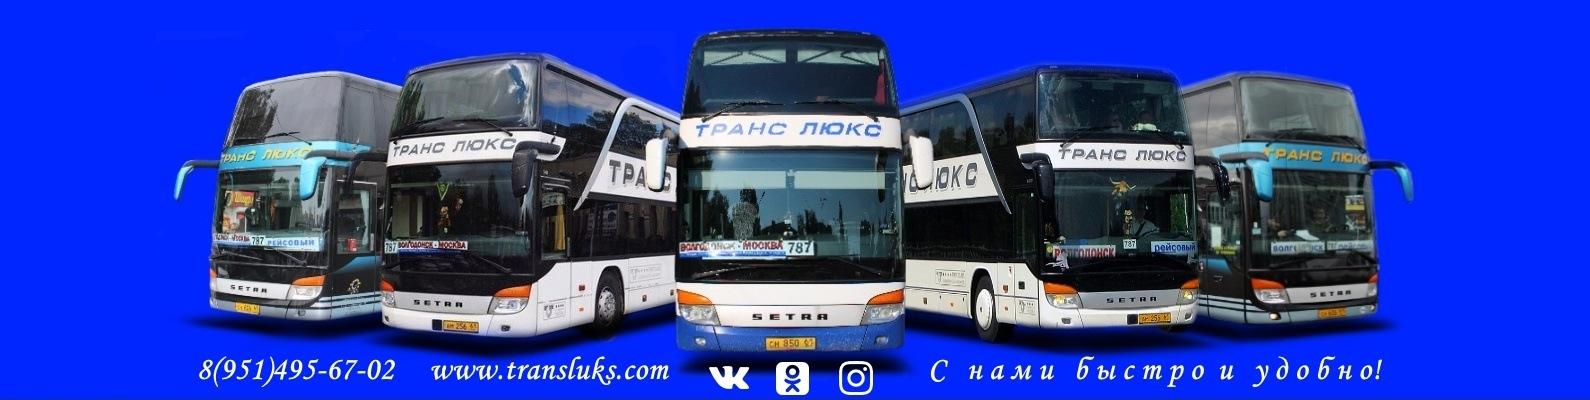 Транс люкс автобусы до волгодонска